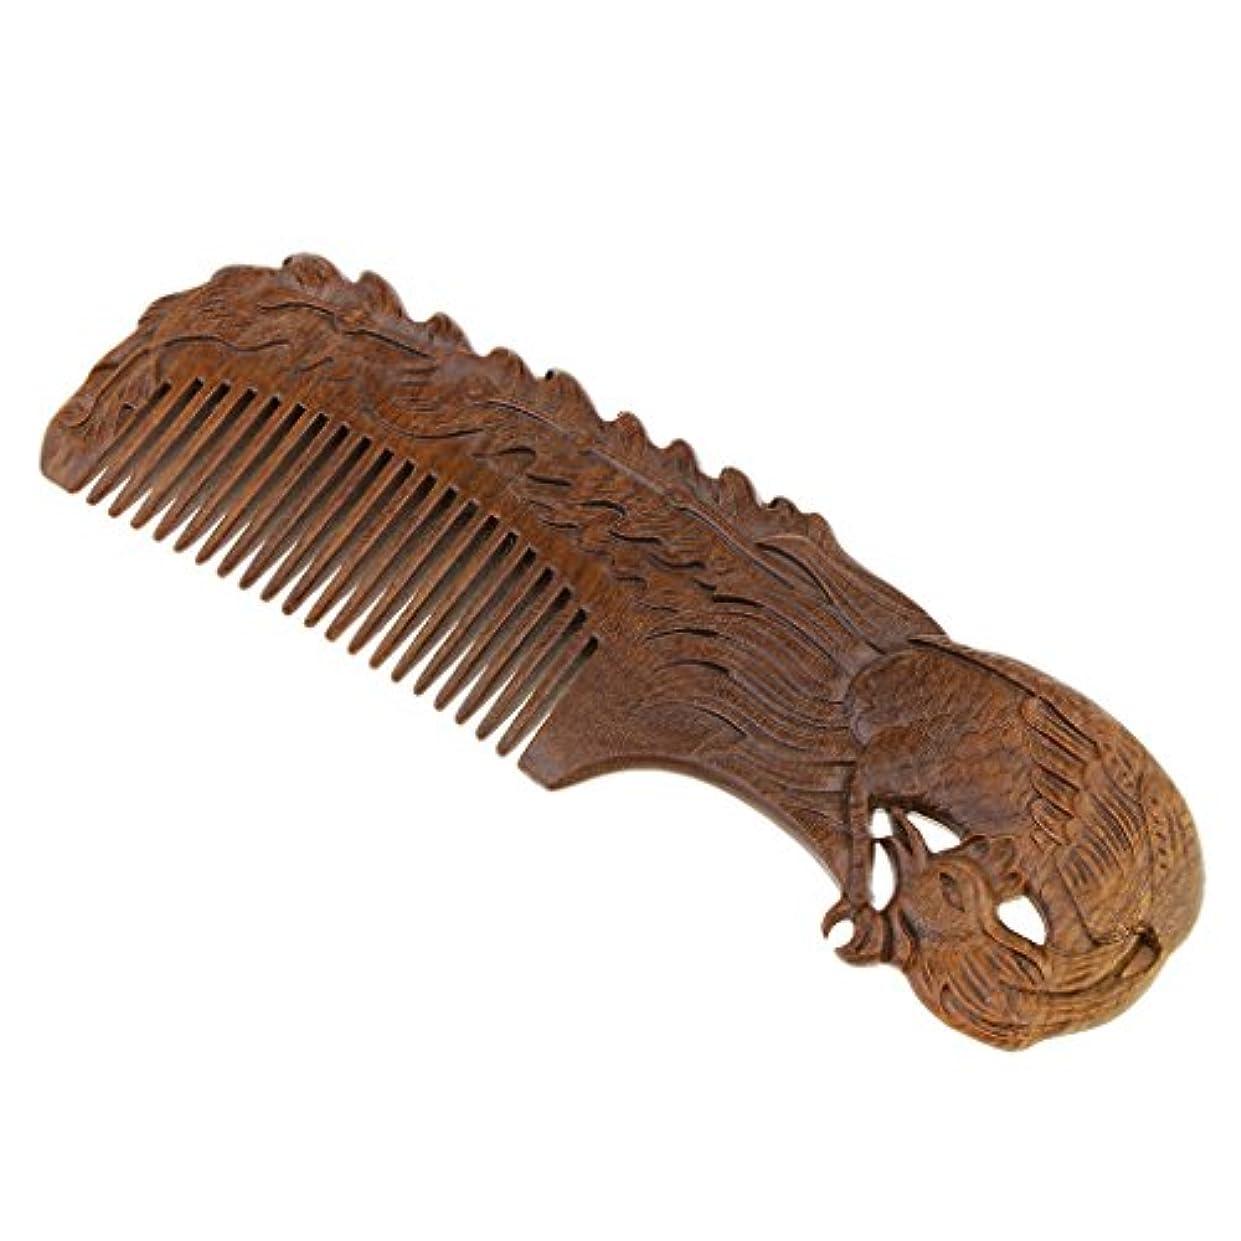 レコーダー道路バイオレット全2種類 木製 櫛 ウッドコーム ヘアブラシ ヘアコーム 頭皮マッサージ ギフト - Phoenix